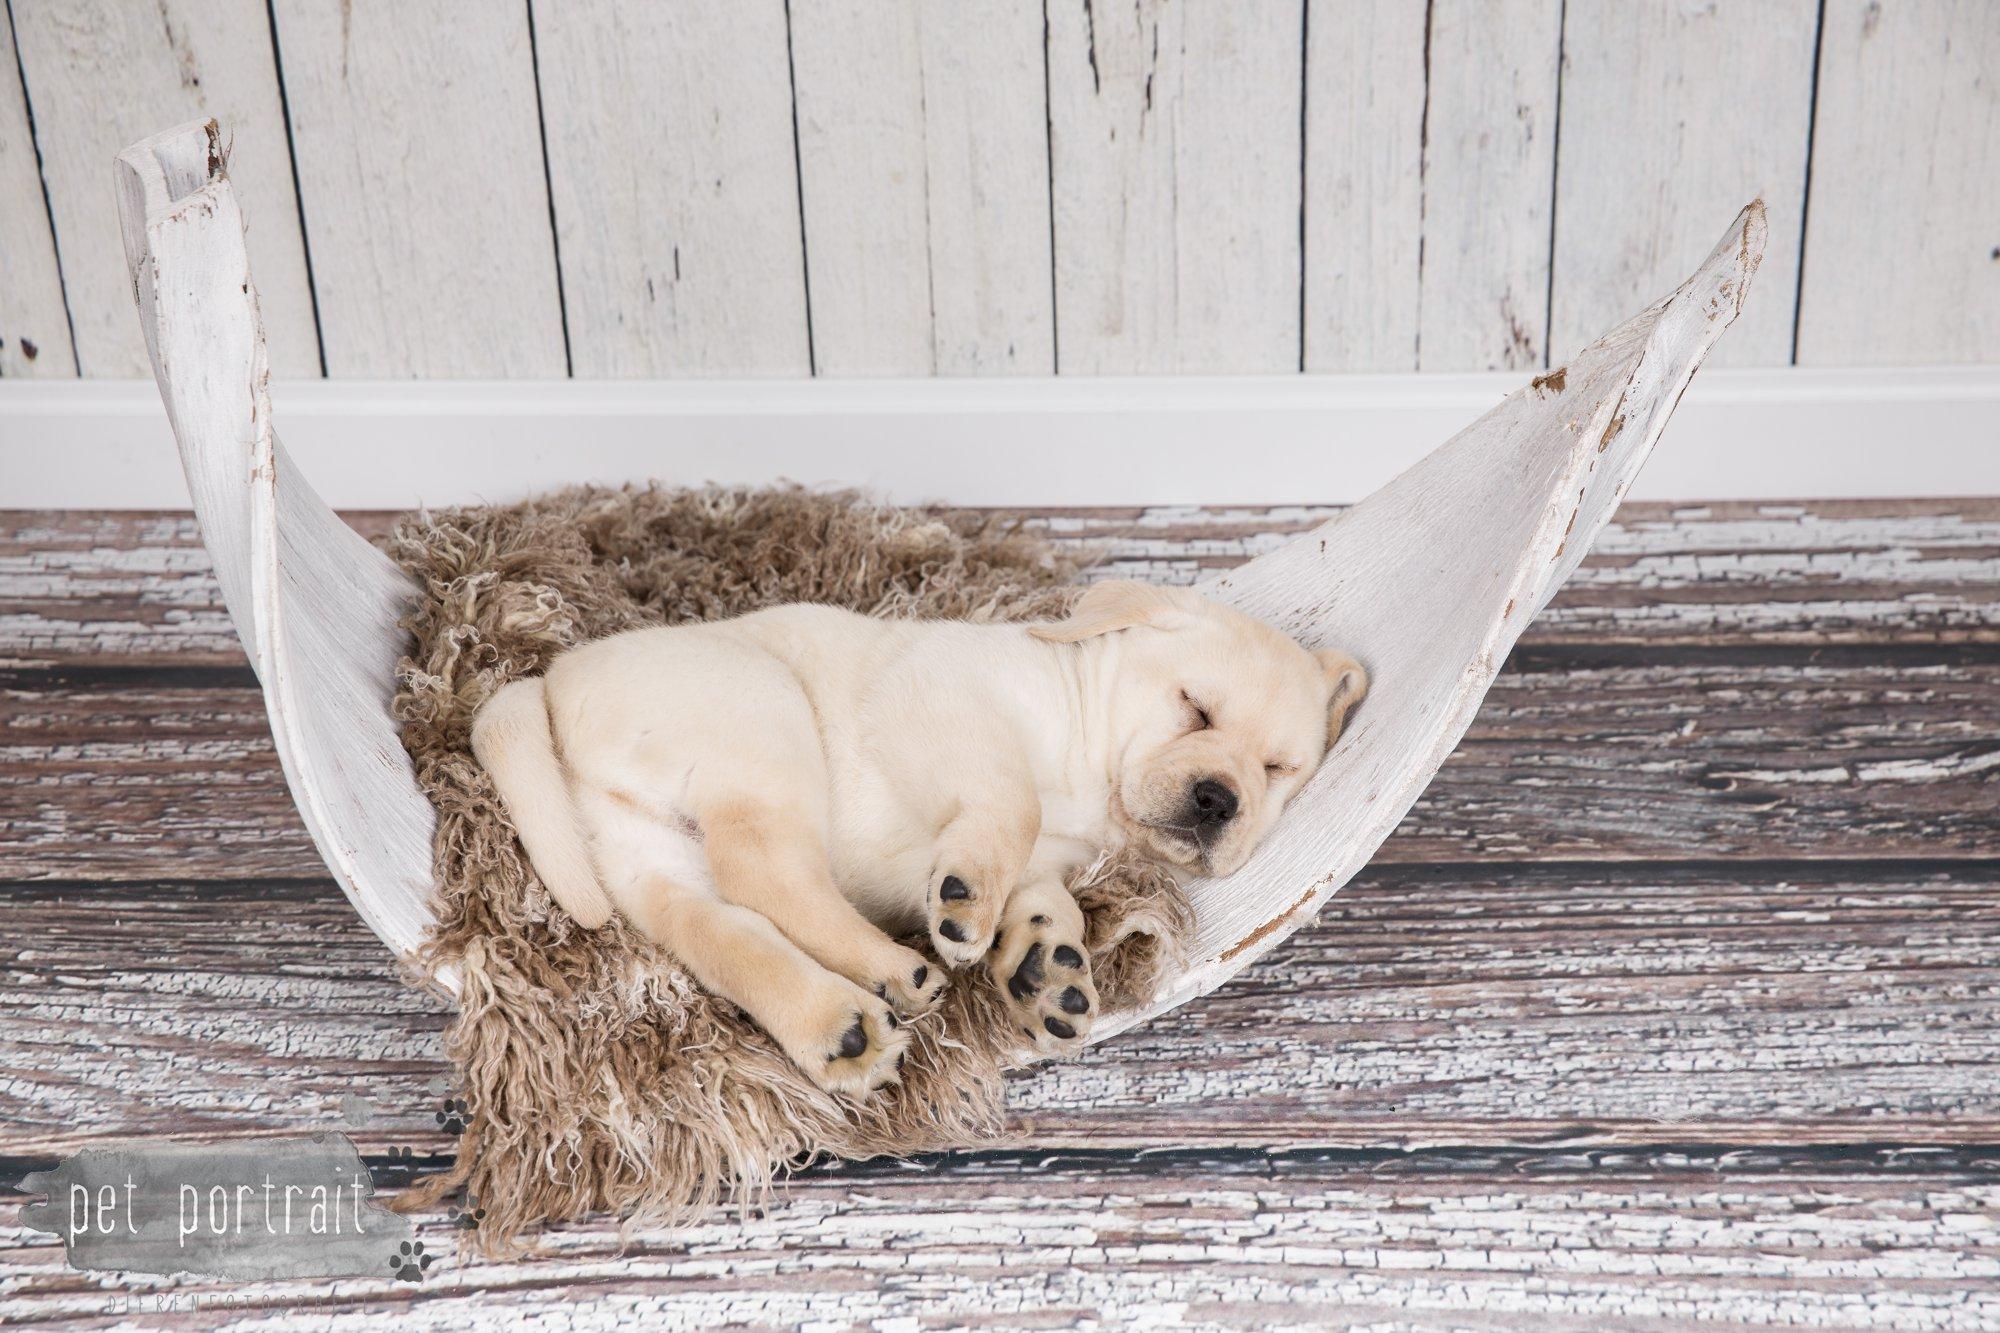 Hondenfotograaf Hillegom - Nestfotoshoot voor Labrador pups-36